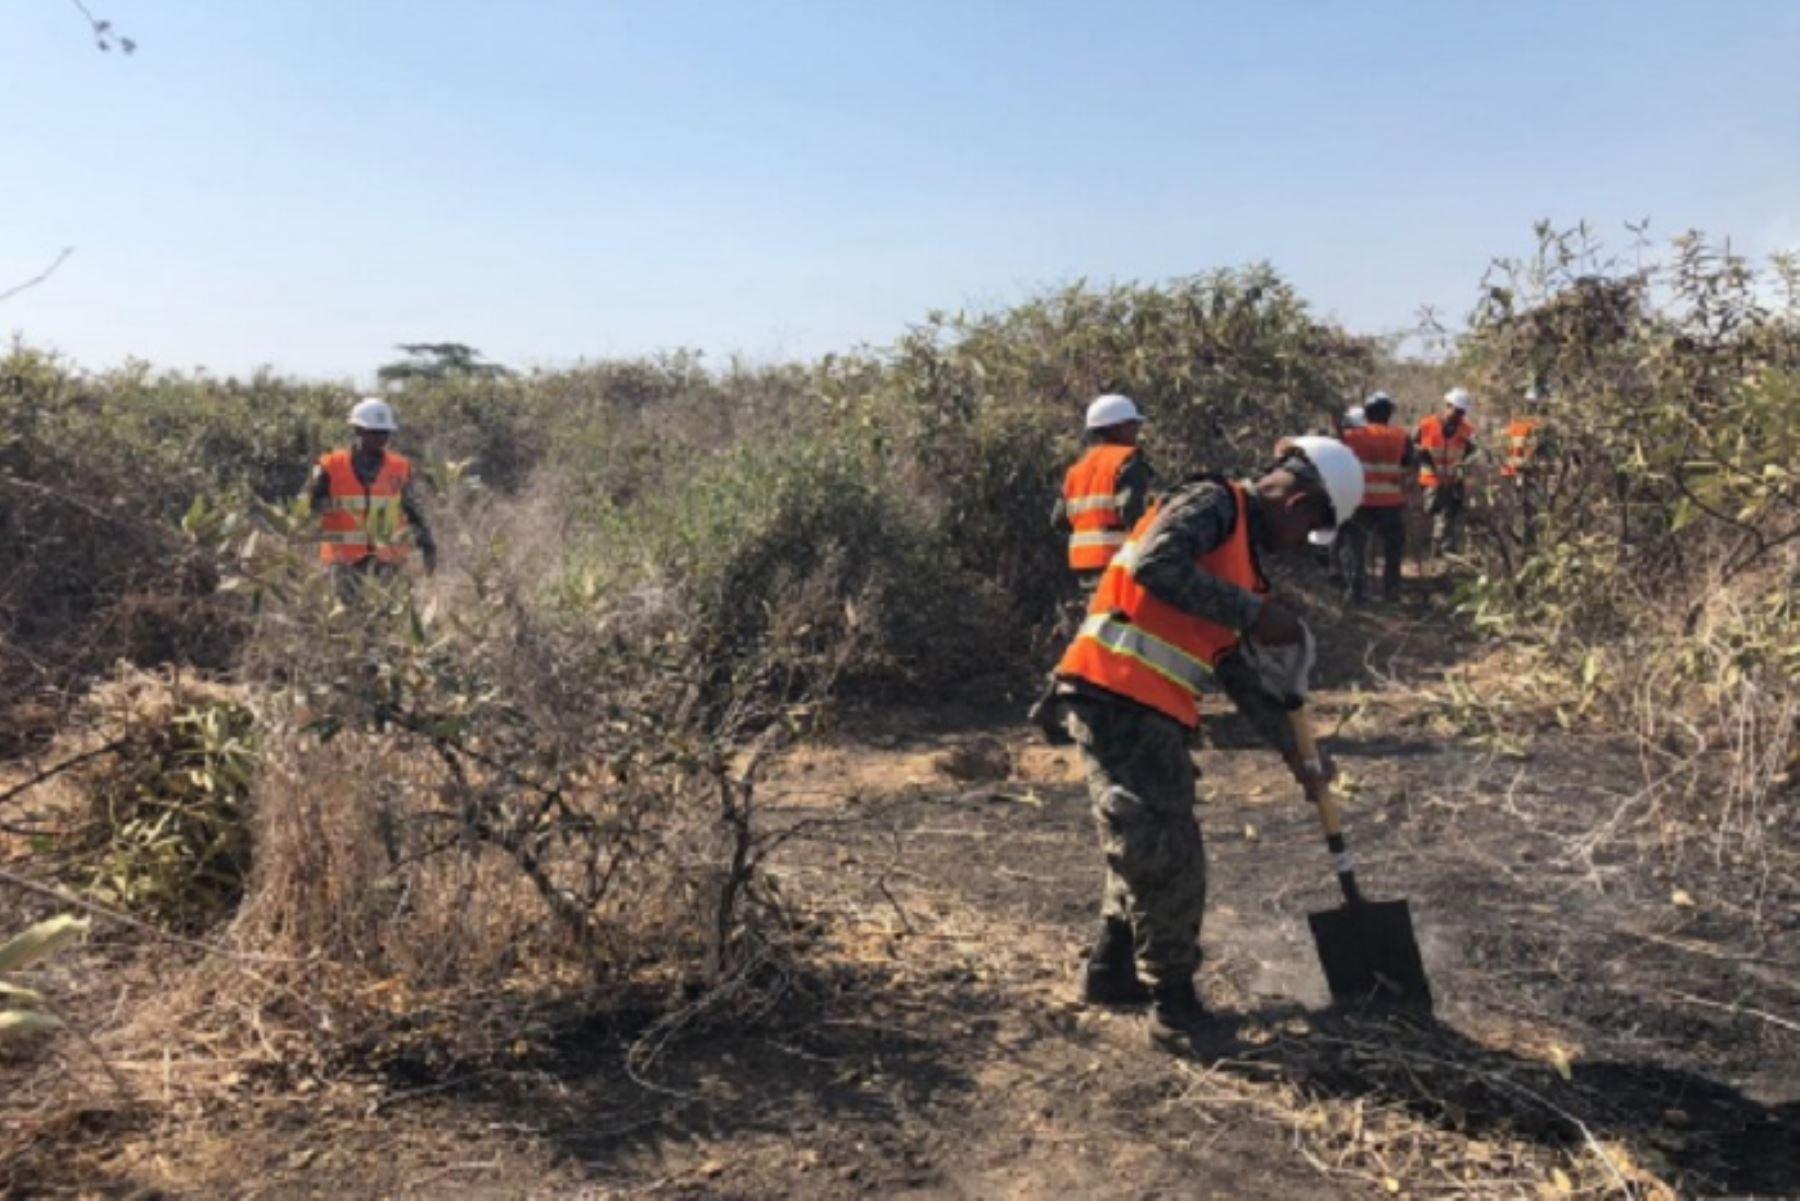 El Instituto Nacional de Defensa Civil (Indeci) informó que hoy se reiniciaron, con la participación de 50 efectivos del Ejército, las labores de extinción del incendio forestal que se registra desde el 22 de setiembre, en la zona del Bosque de Pómac, ubicado en el distrito de Pítipo, provincia de Ferreñafe, región Lambayeque. ANDINA/Difusión